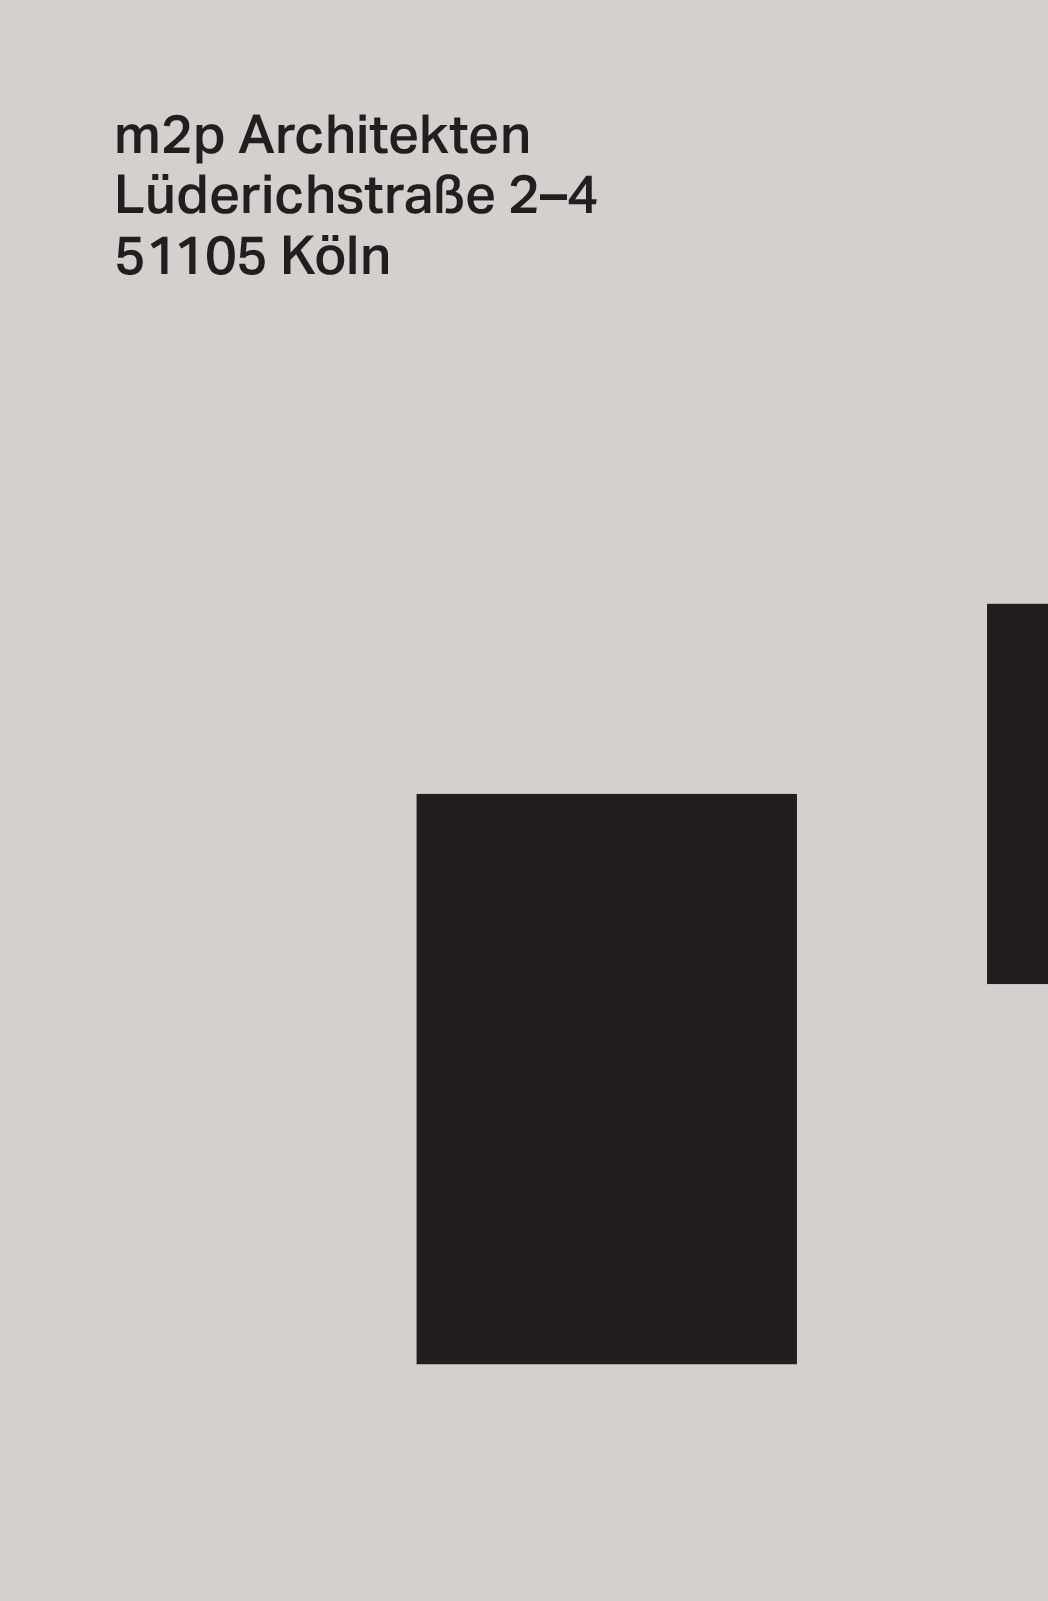 Detail | Architektur | Geschäftspapiere | Unternehmensgestaltung | USP